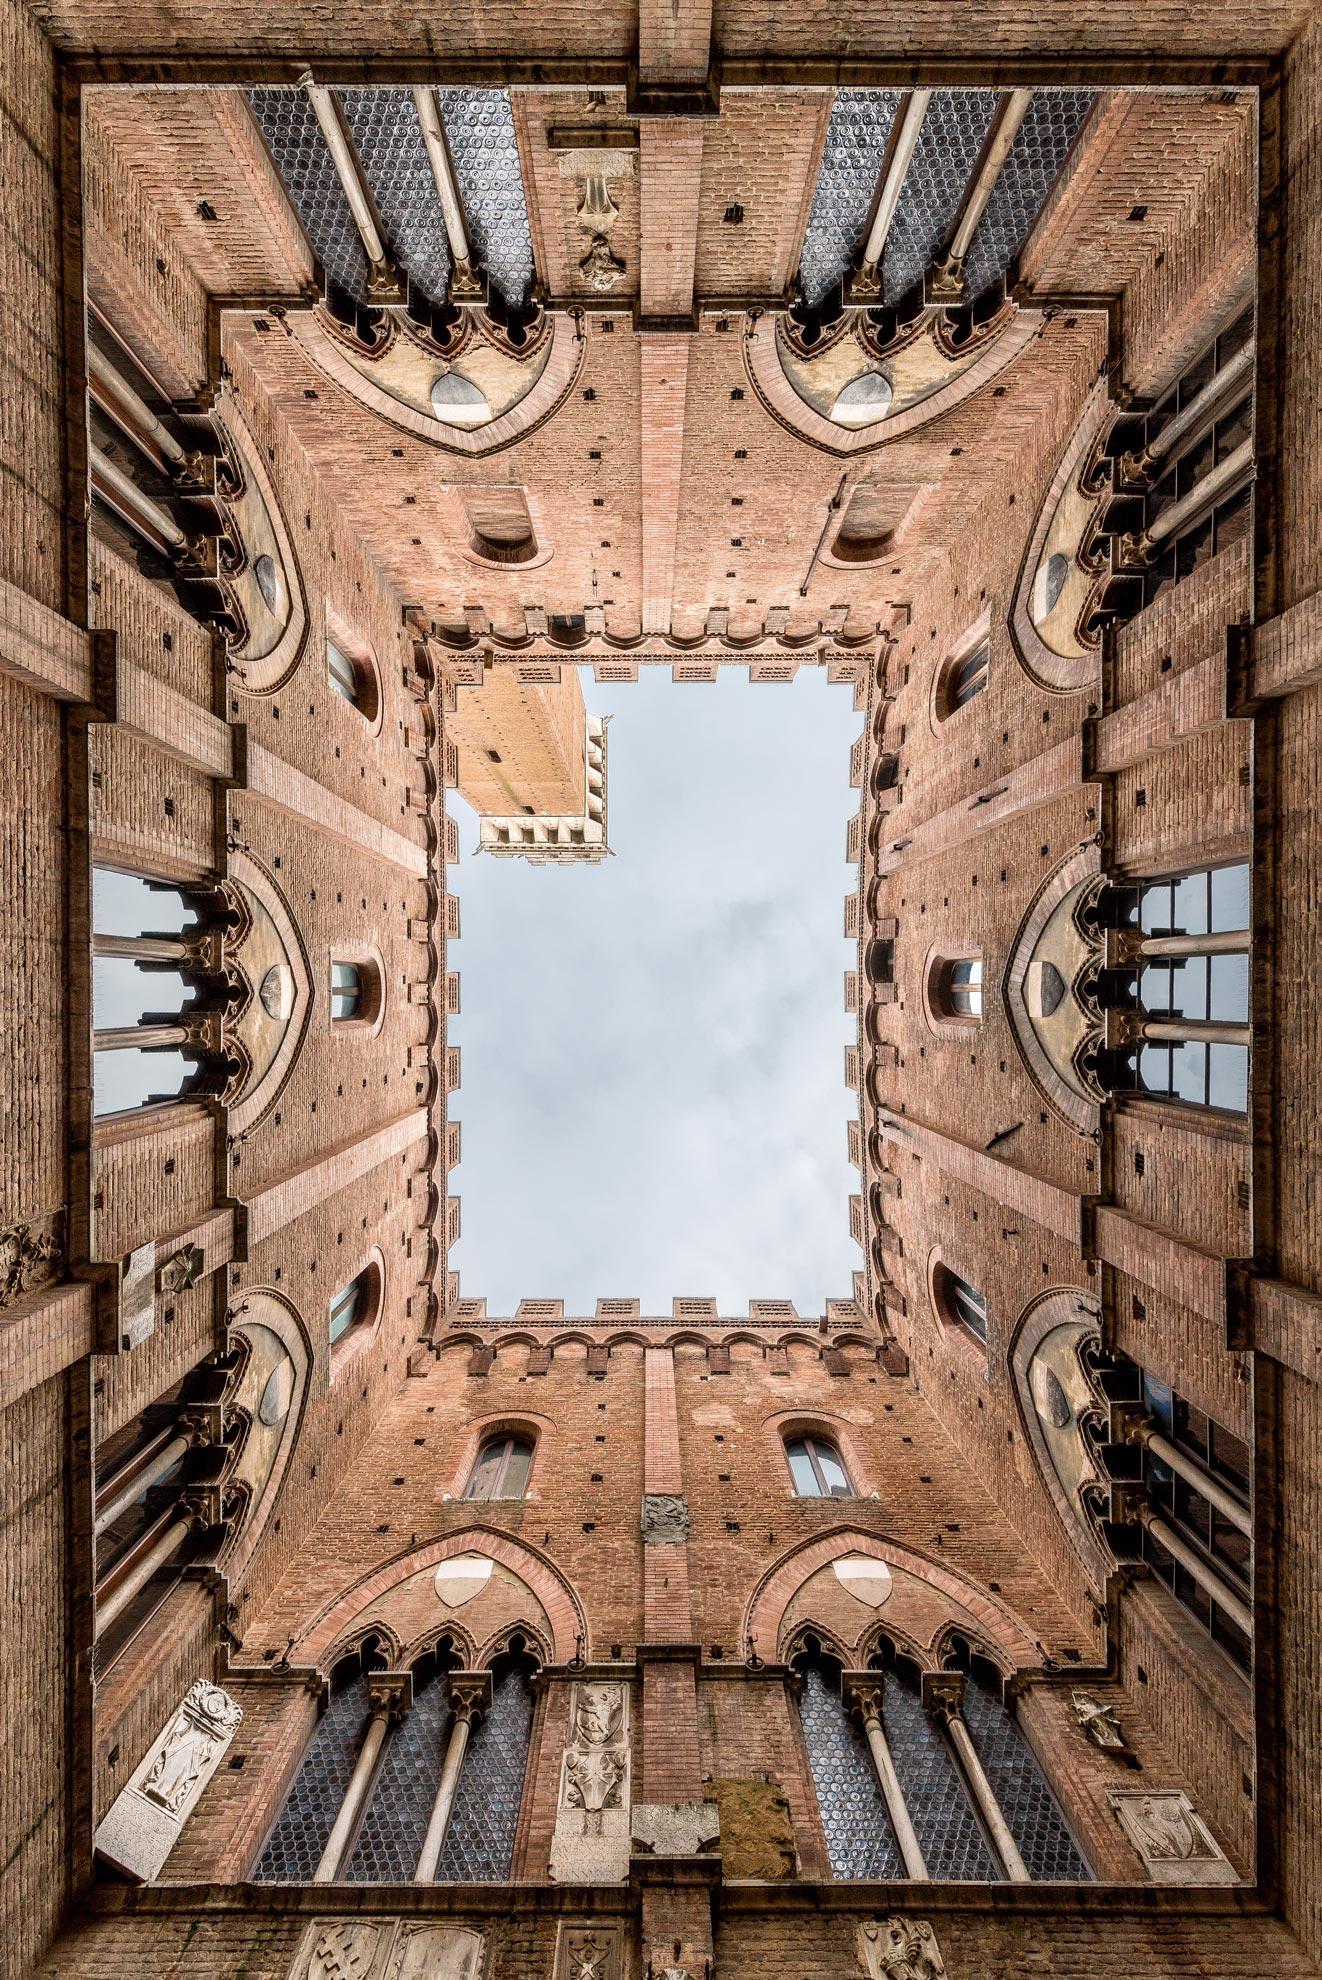 Paesaggi-Italia - DSC 1493 2  - Fotografo Archittetura Siena Torre del Mangia palazzo comunale - Fotografo Archittetura Siena Torre del Mangia palazzo comunale